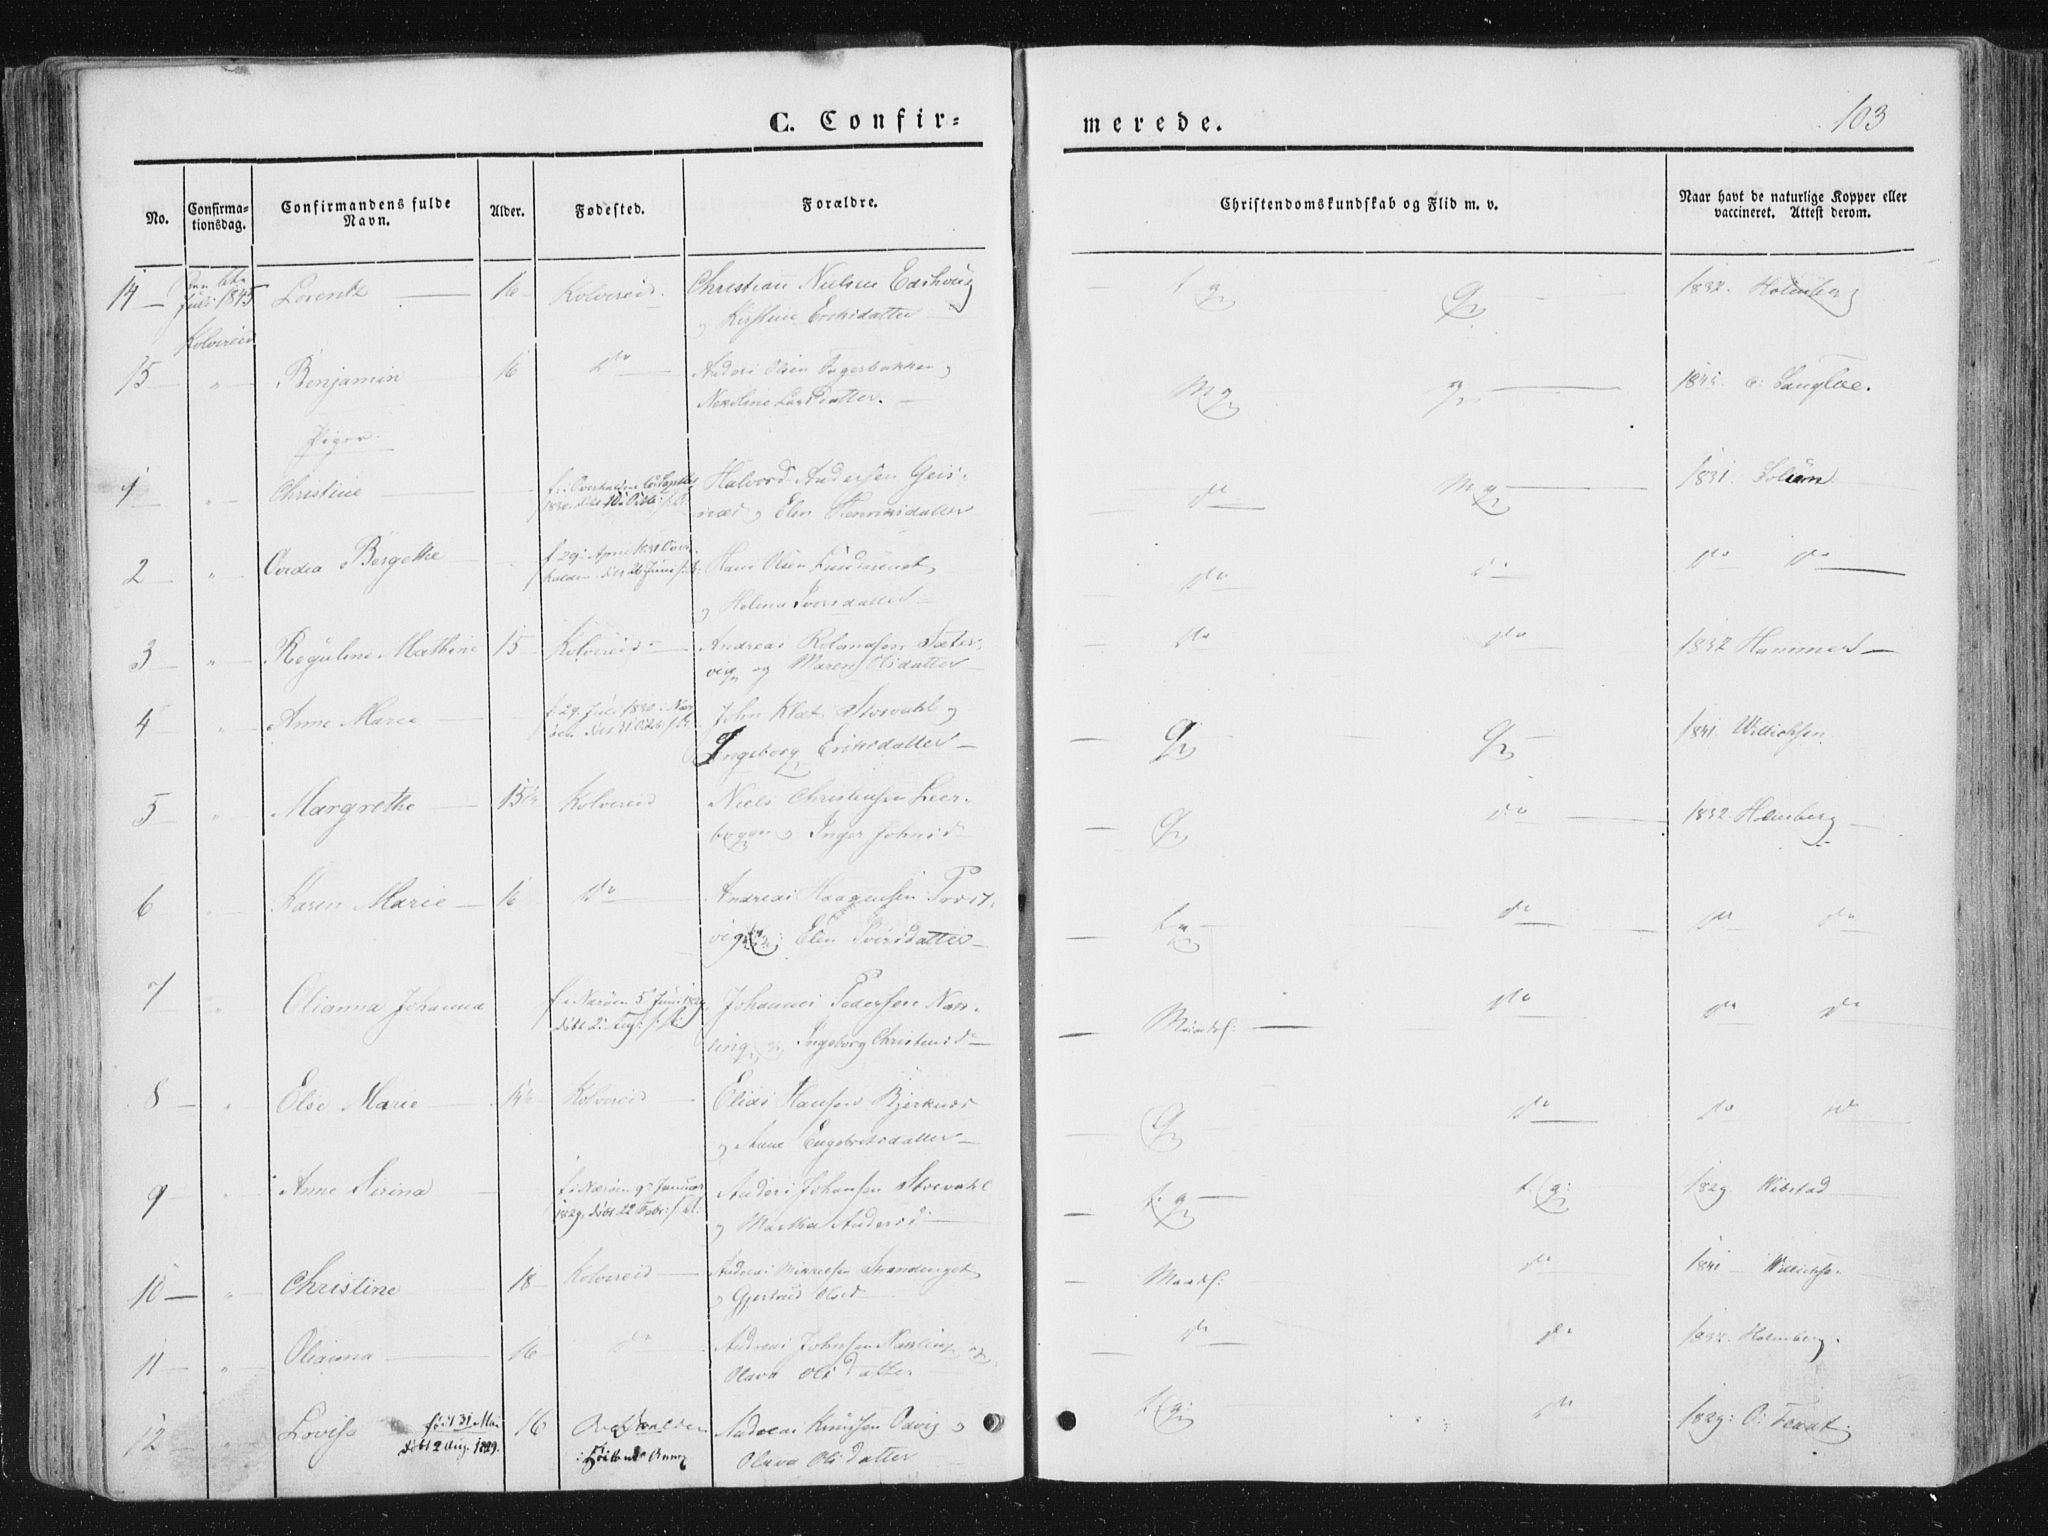 SAT, Ministerialprotokoller, klokkerbøker og fødselsregistre - Nord-Trøndelag, 780/L0640: Parish register (official) no. 780A05, 1845-1856, p. 103